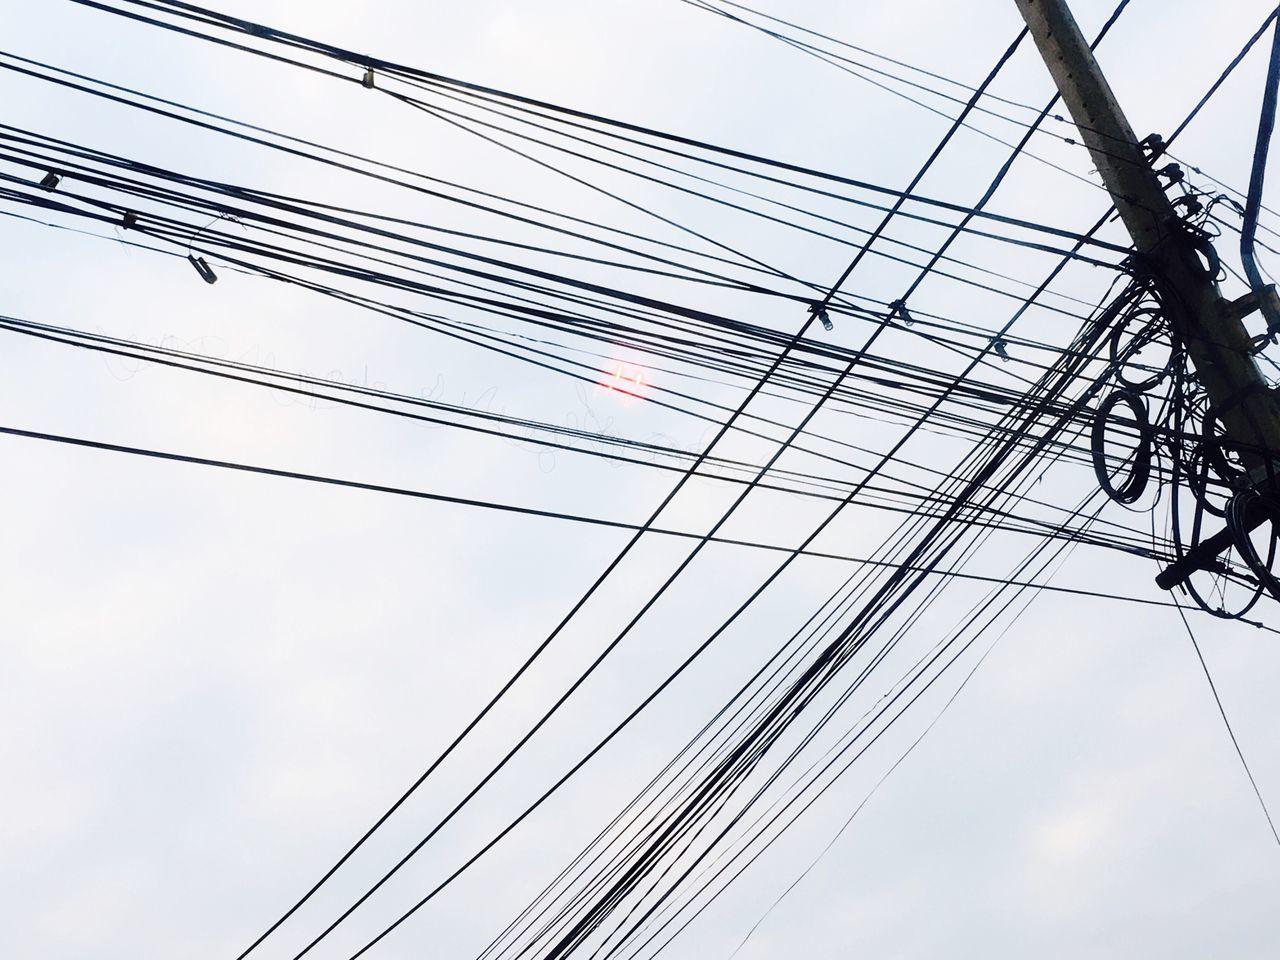 วุ่นวาย ปวดหัว Cable Power Supply Power Line  Electricity  Connection Fuel And Power Generation Electricity Pylon Low Angle View Sky Technology Telephone Line No People Complexity Outdoors Electricity Tower Day Telephone Pole Electric Pole